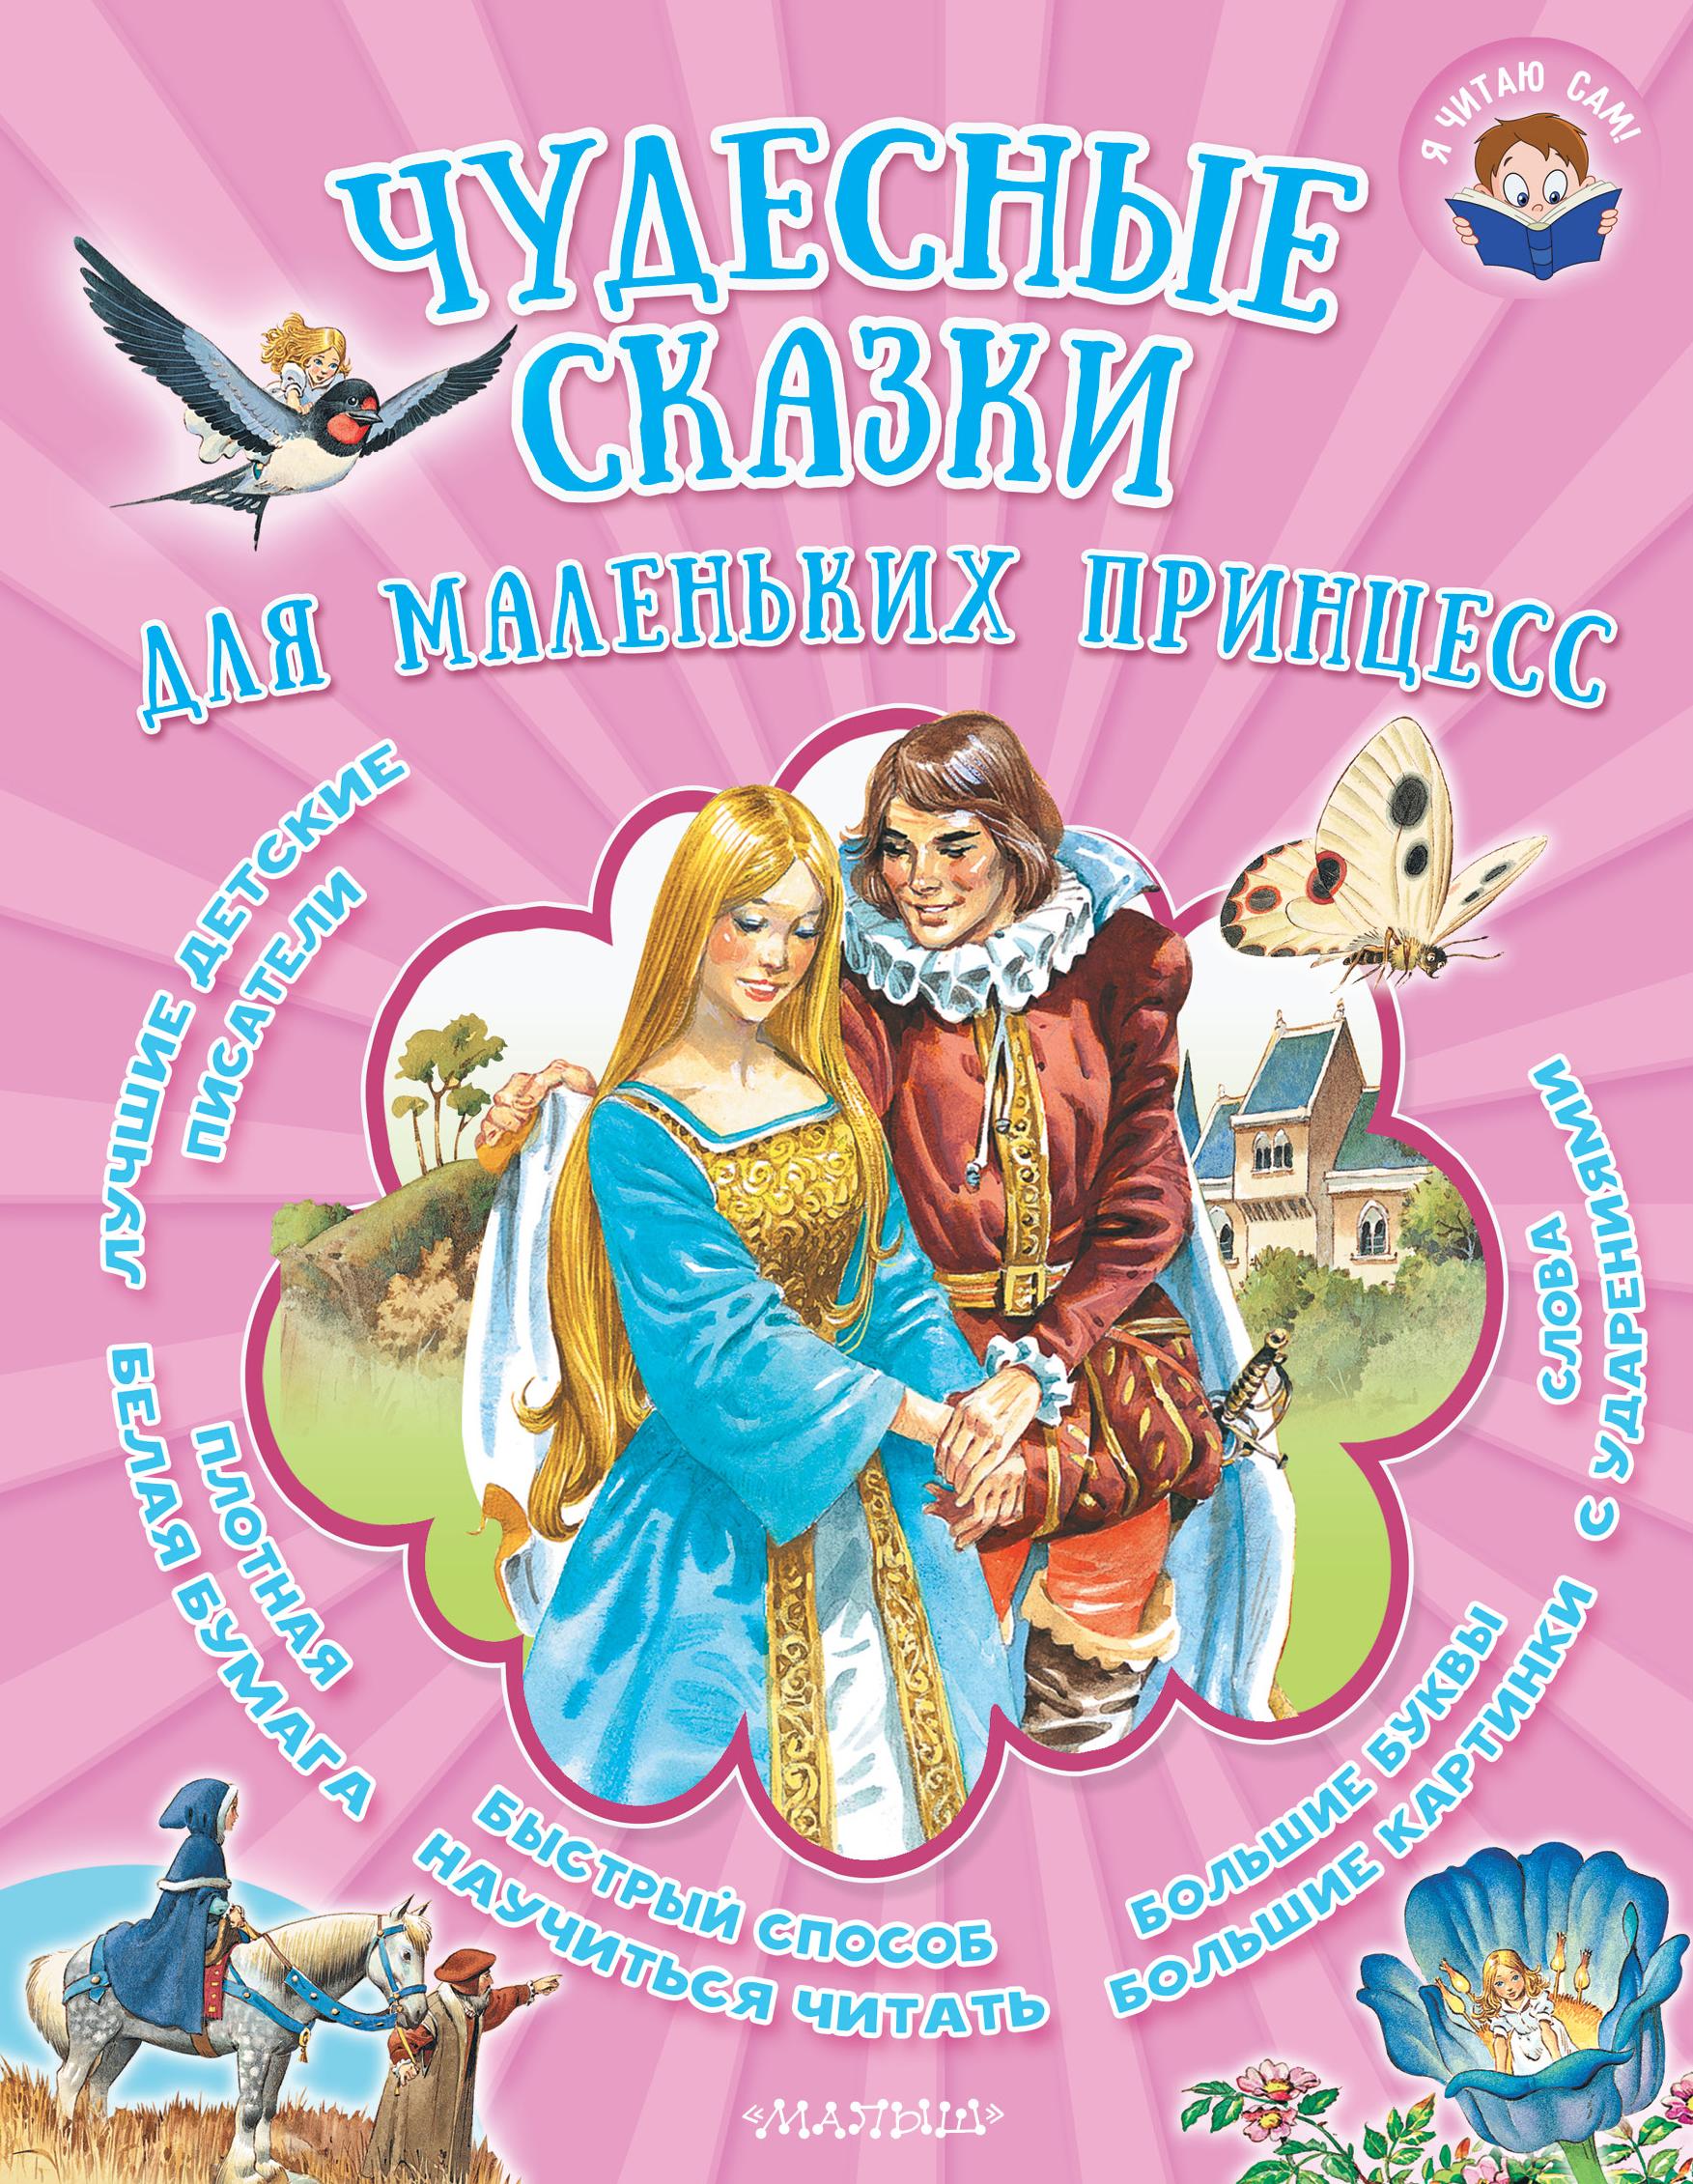 Тарловский М., Яхнин Л.Л., Кузнецов Л. Чудесные сказки для маленьких принцесс